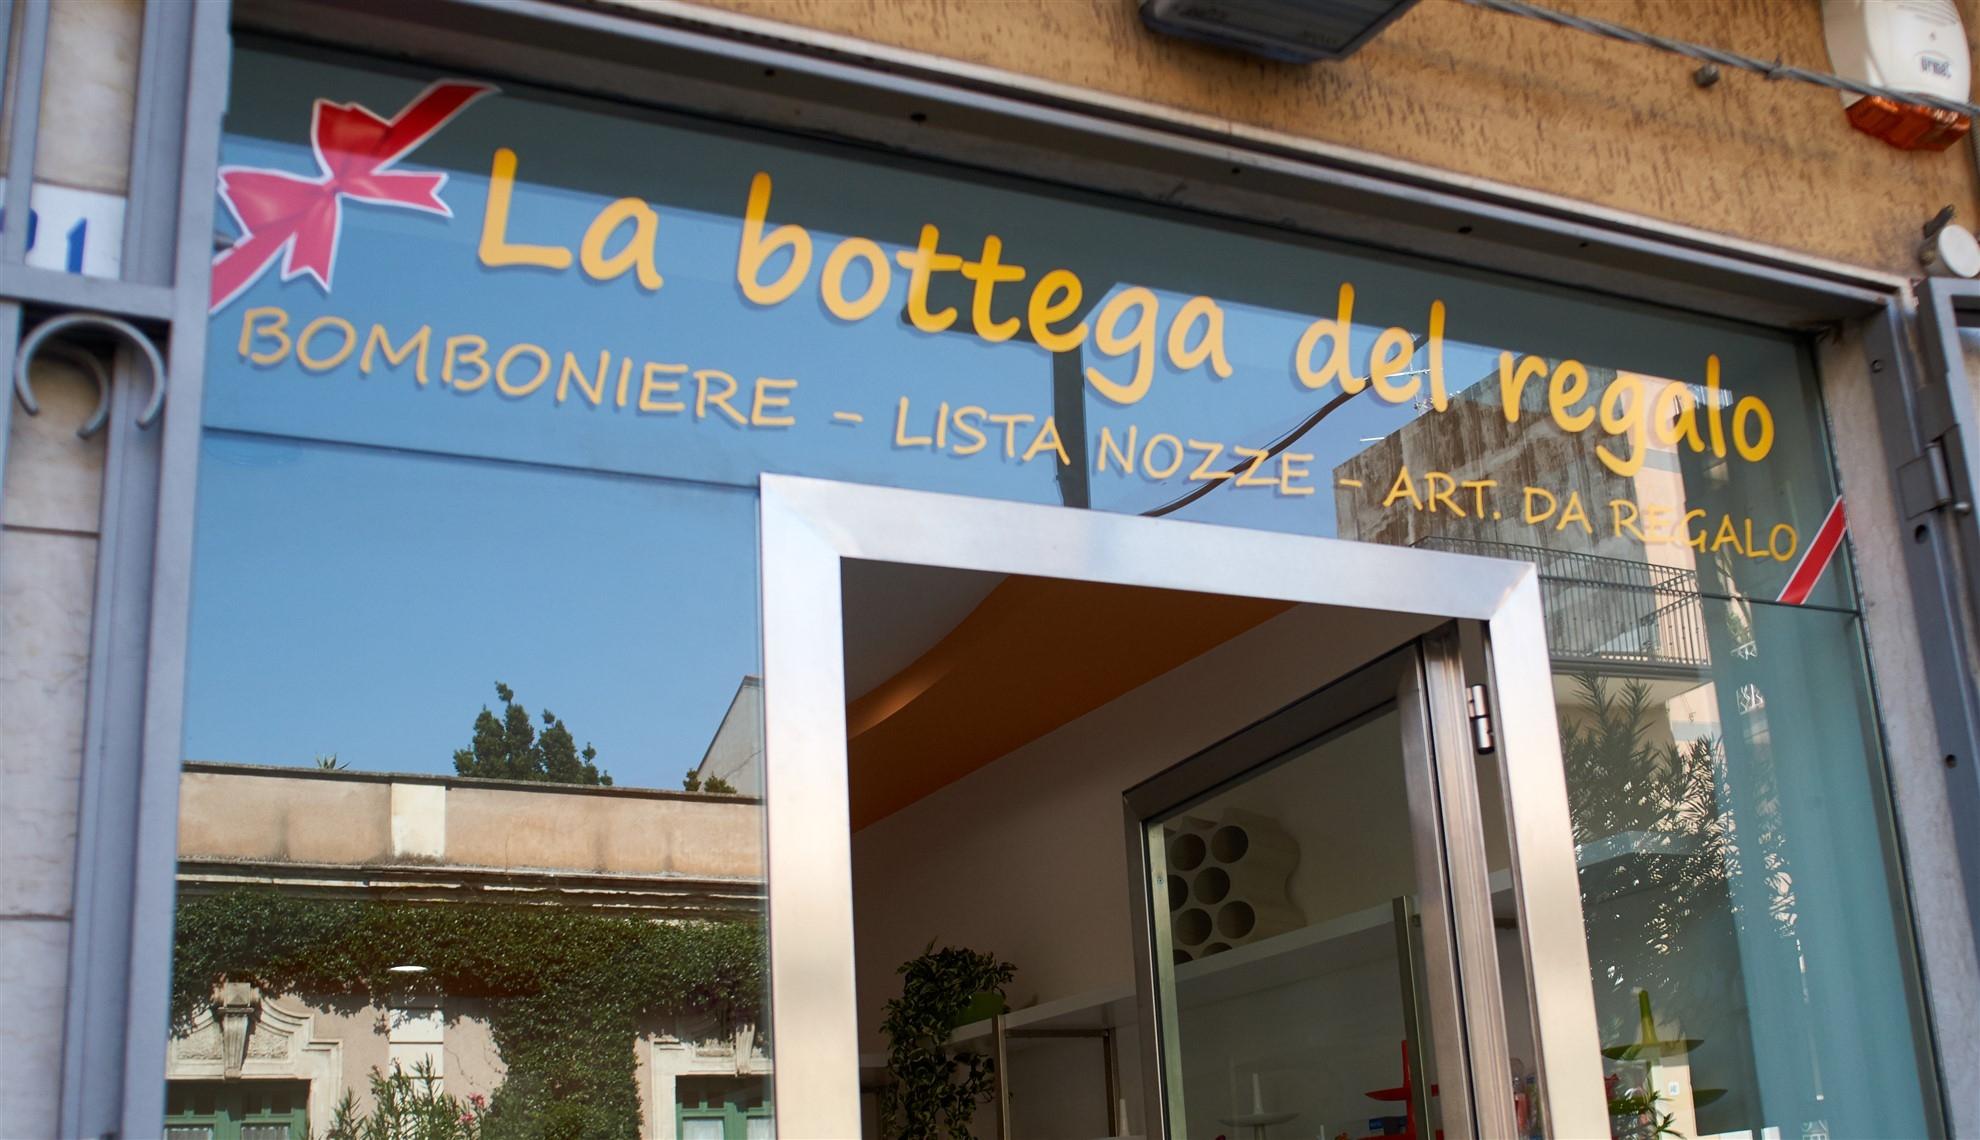 La Bottega del Regalo - Artigianato, Valverde